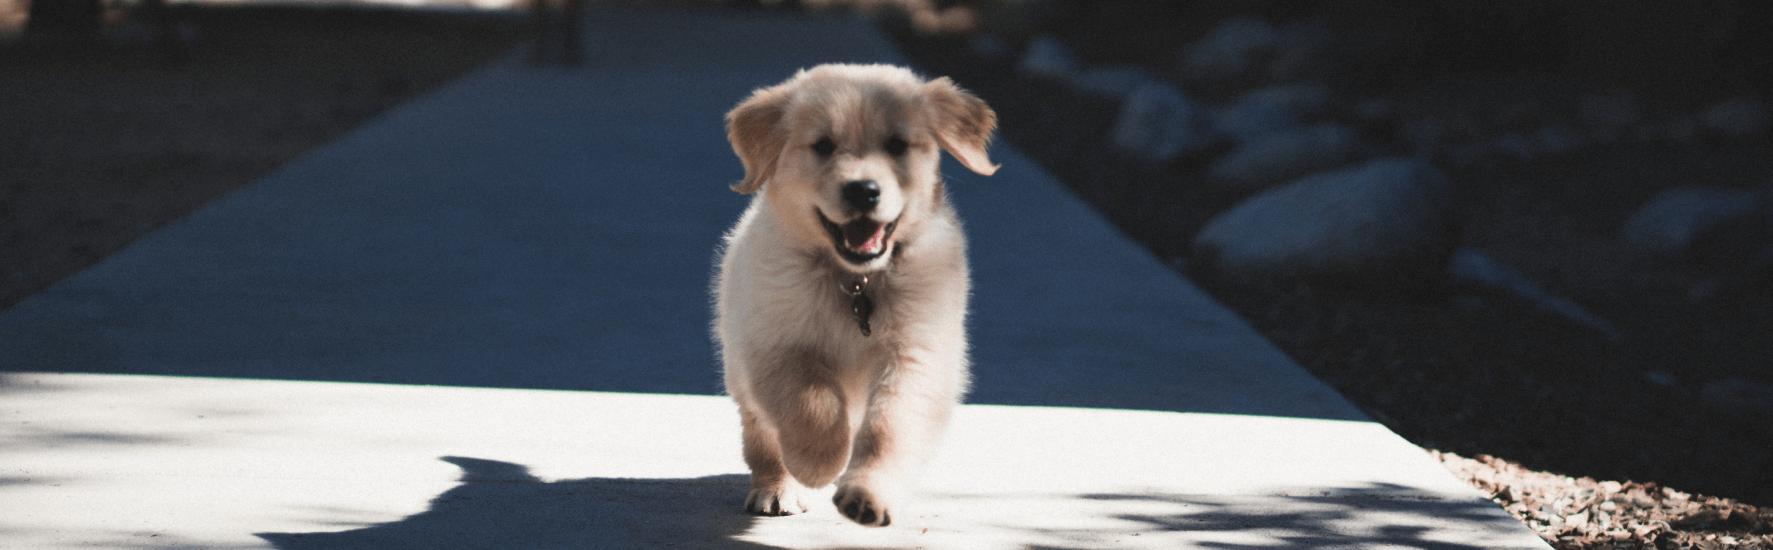 Ką reikia žinoti perkant šuniuką